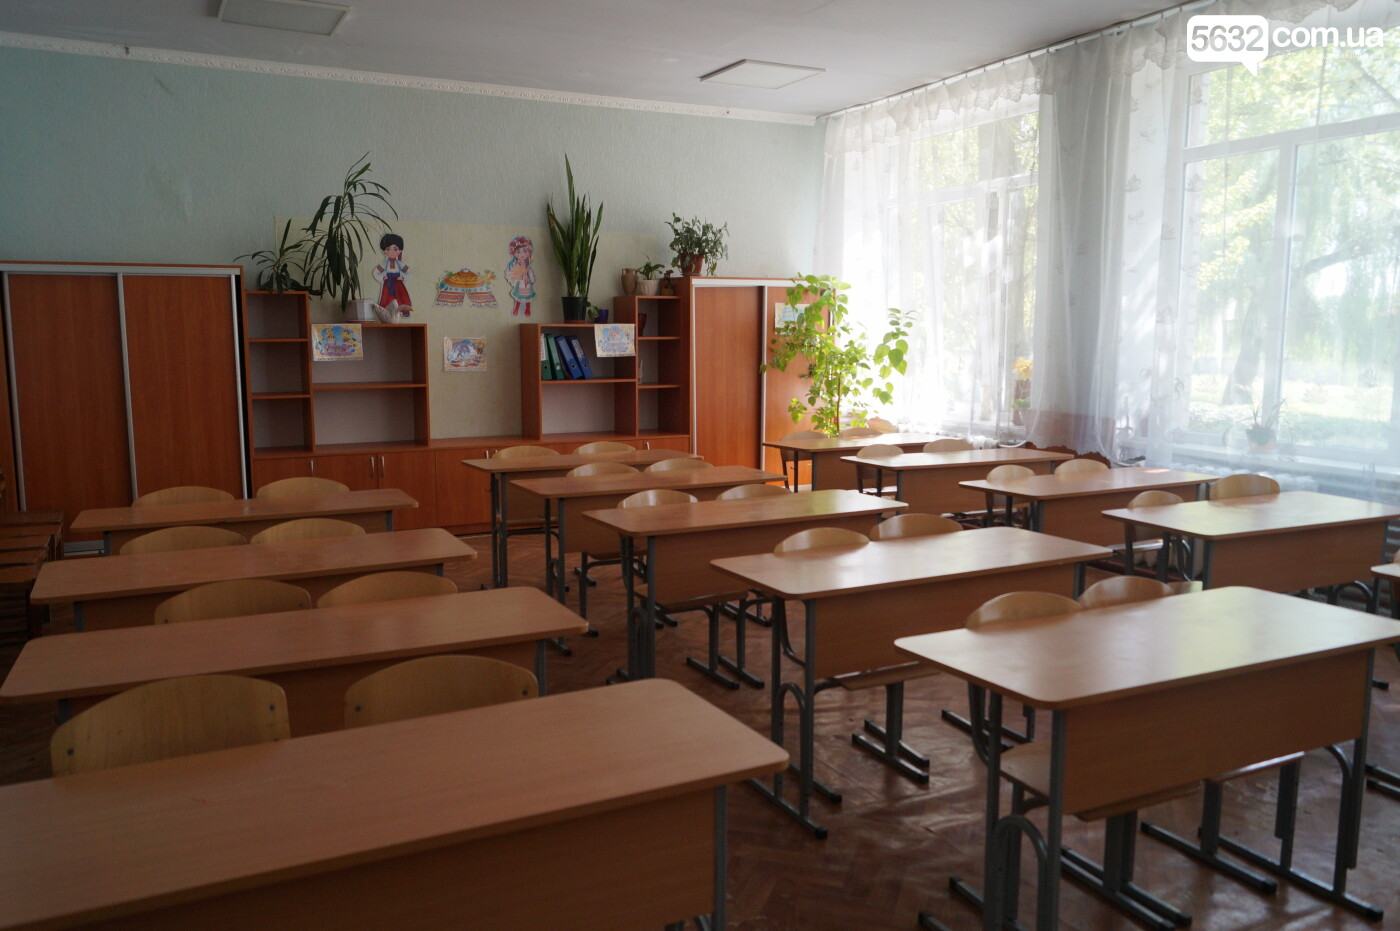 Санитайзеры и медицинские маски: как школы Павлограда готовятся к новому учебному году (ФОТО), фото-11